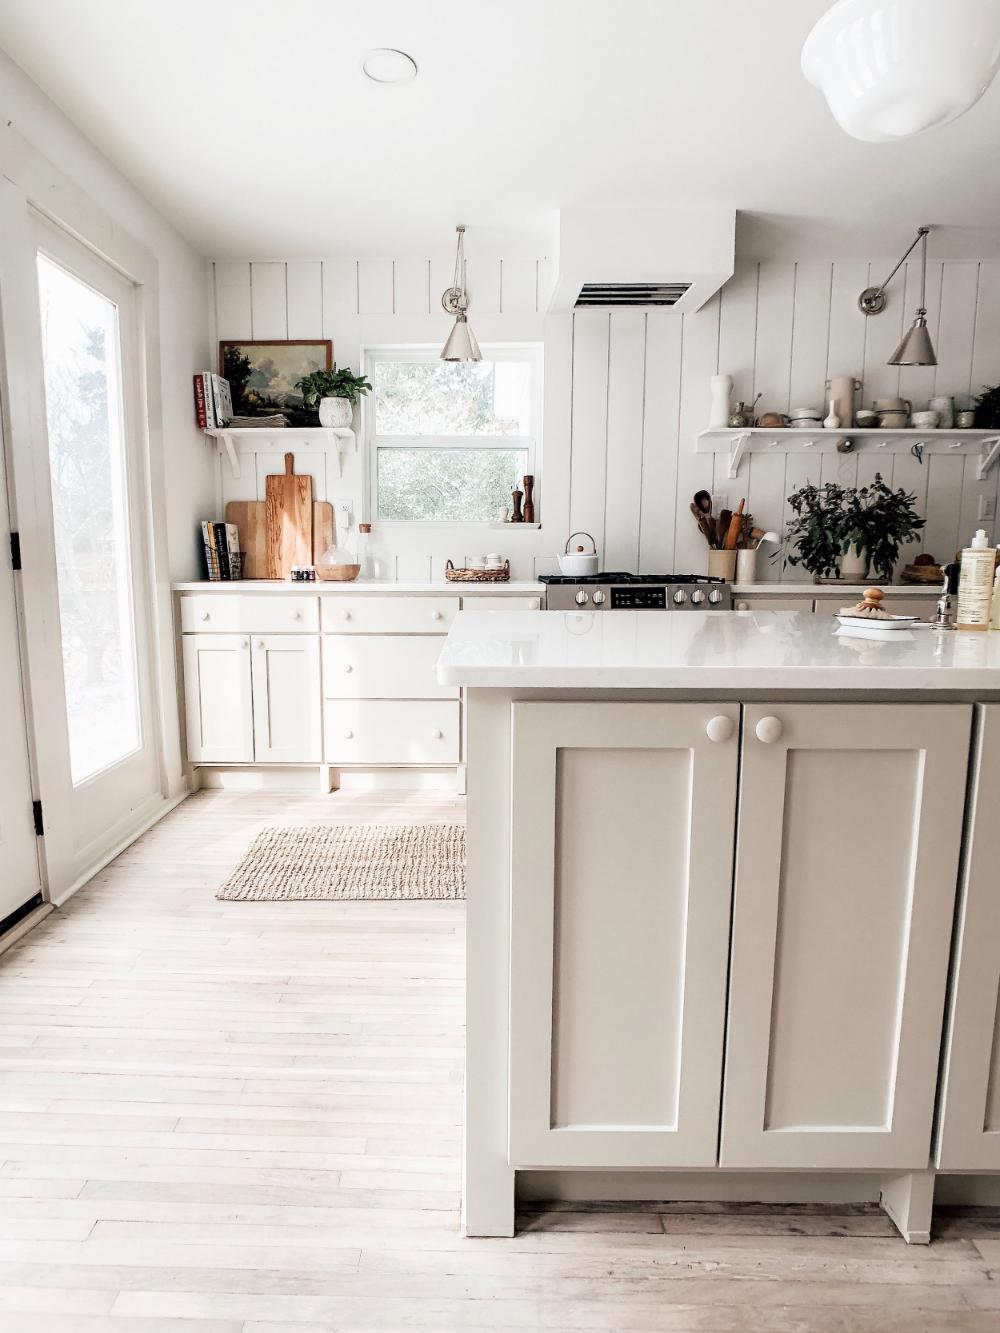 Our Corner Cottage Kitchen Tour — Emily Netz | Neutral ...